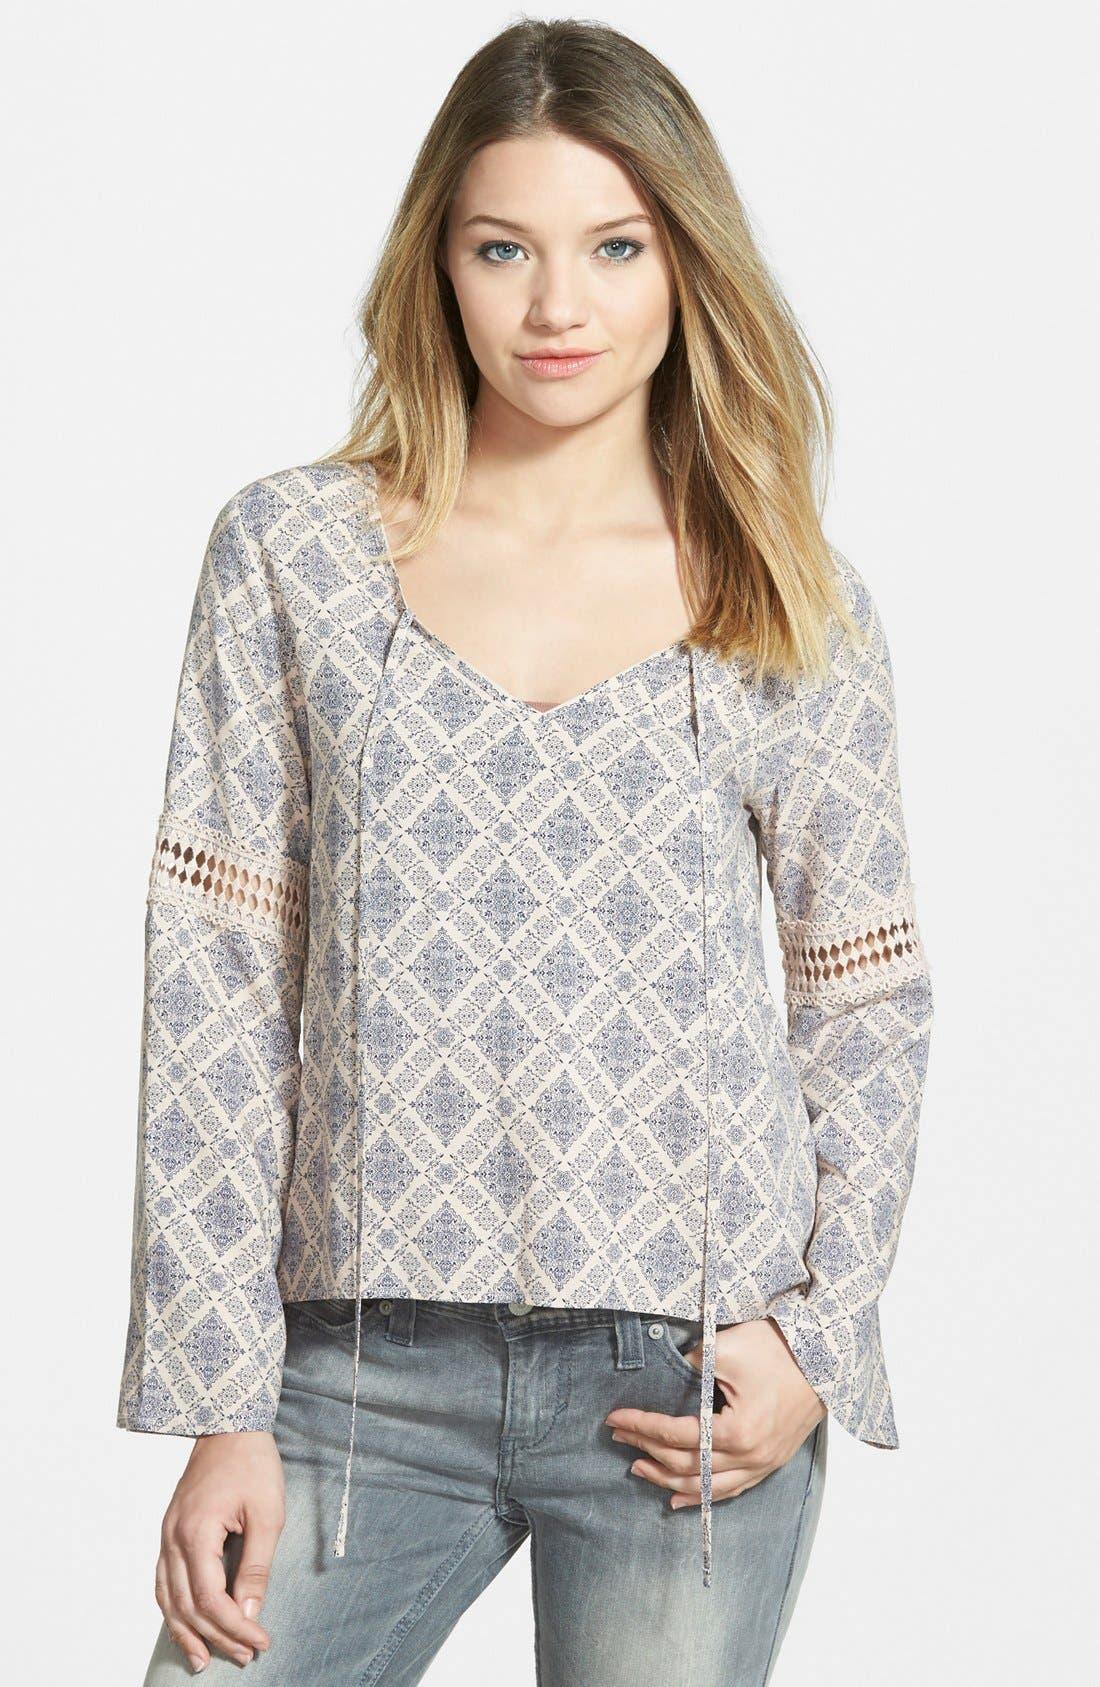 Alternate Image 1 Selected - Elodie Crochet Inset Peasant Top (Juniors)